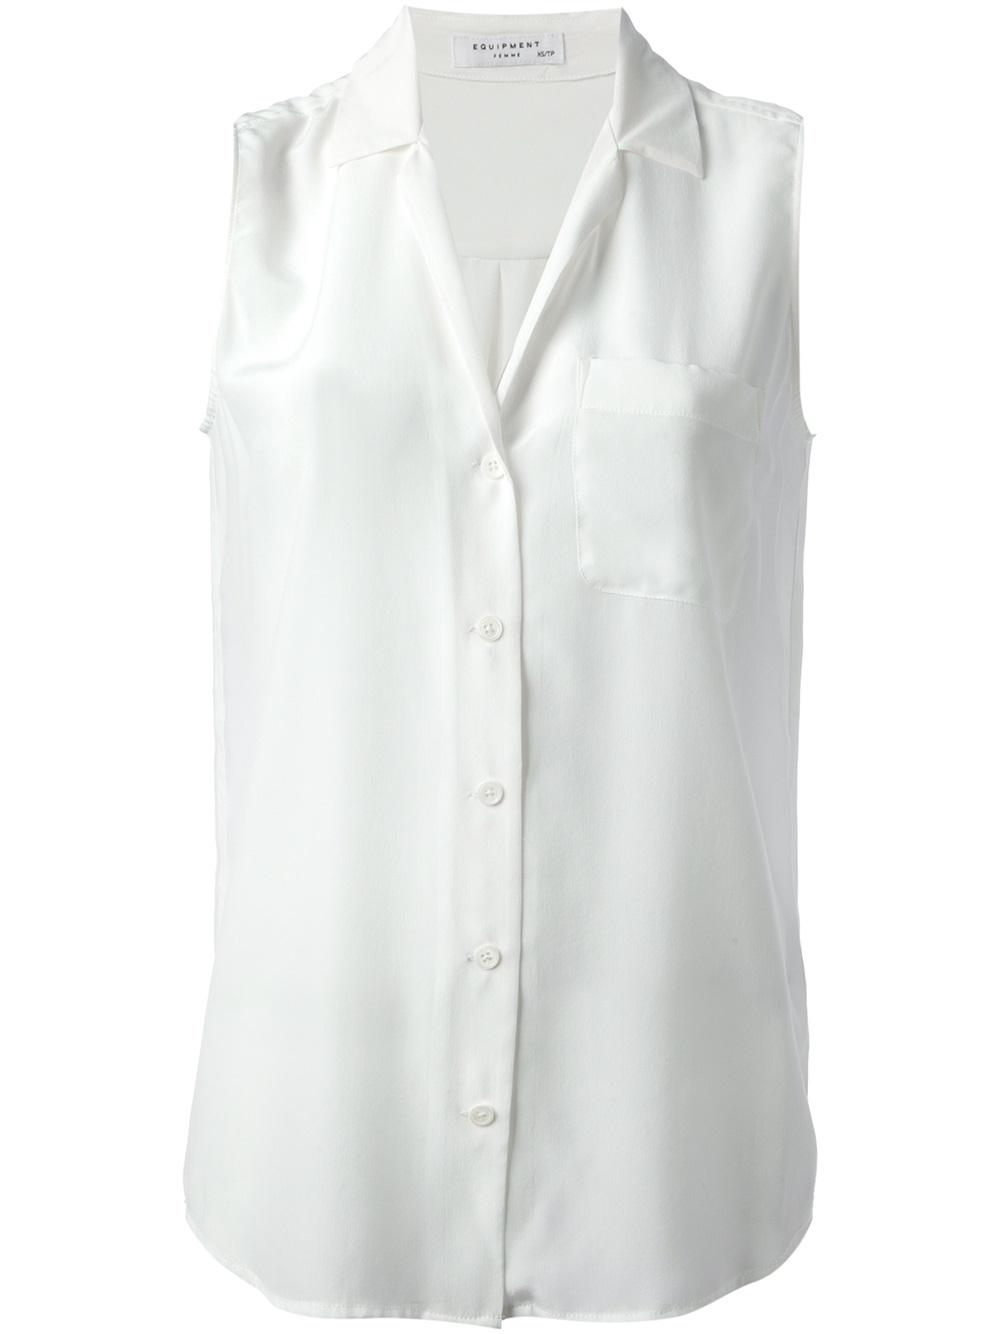 Equipment Sleeveless Shirt in White | Lyst